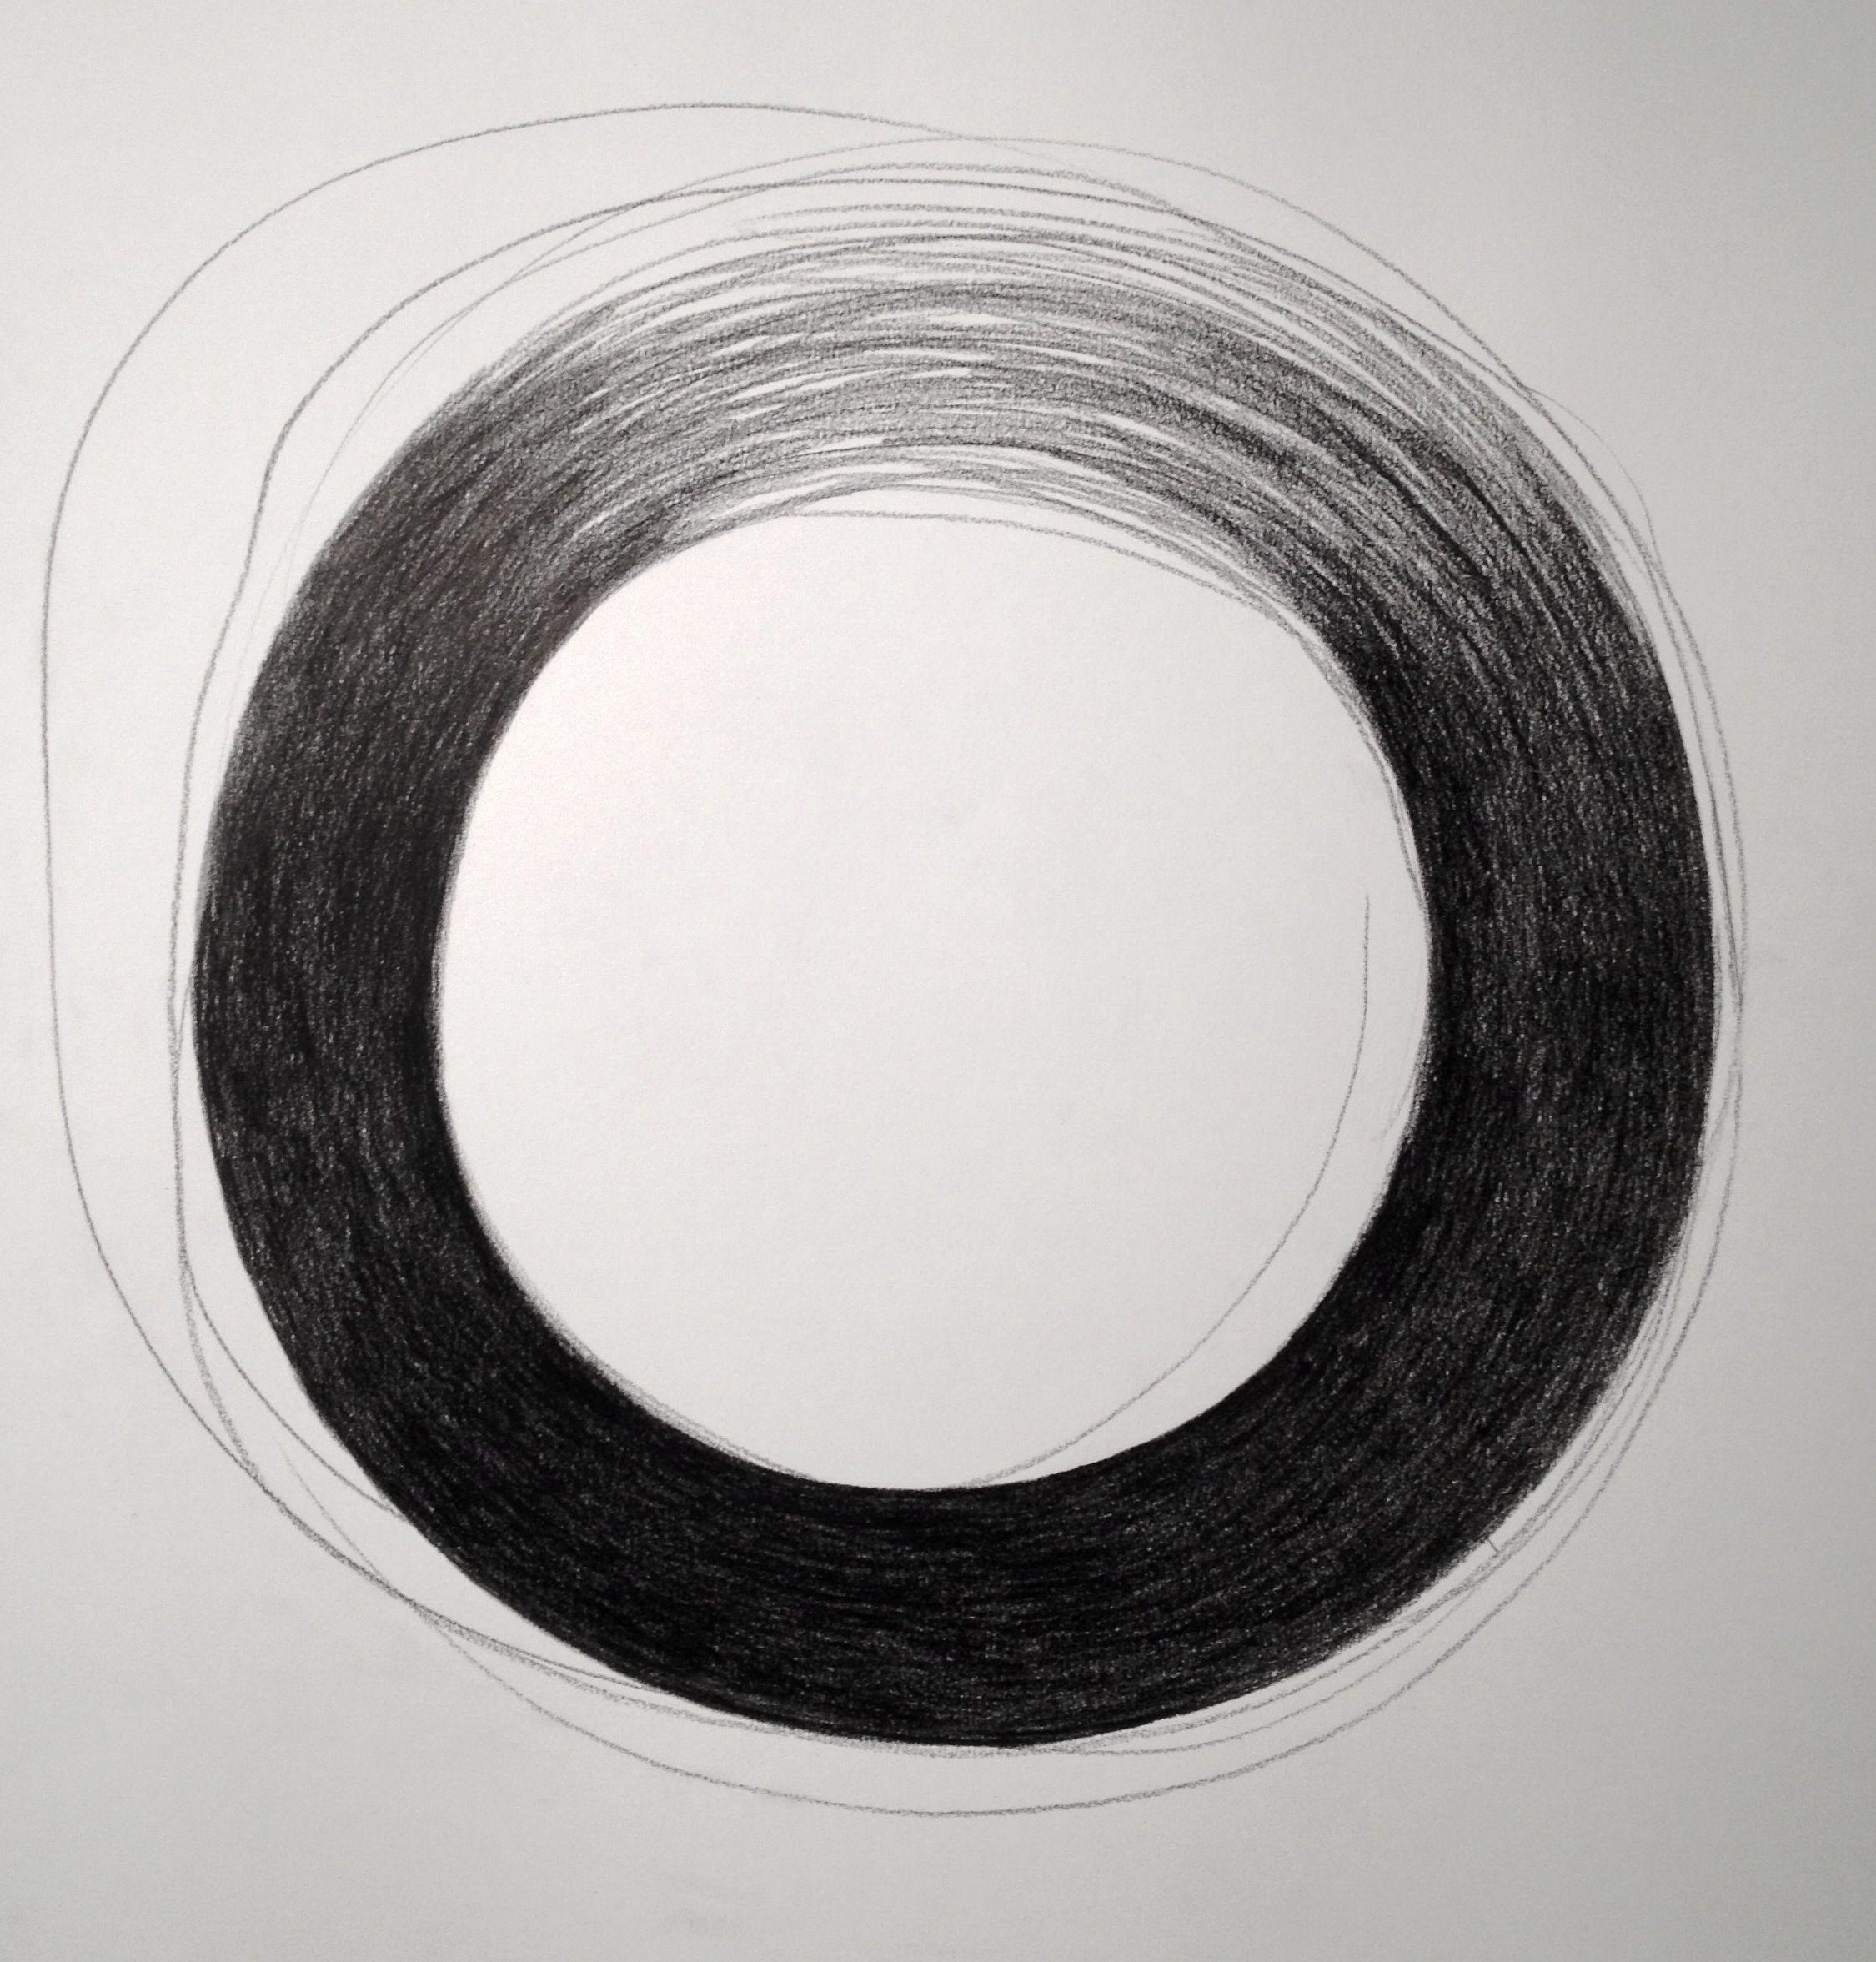 Gerdien van Delft-Rebel, Circle, Pencil on paper, 50x50 cm, 17x17 inch #dailycircle #studiorebel #circleart